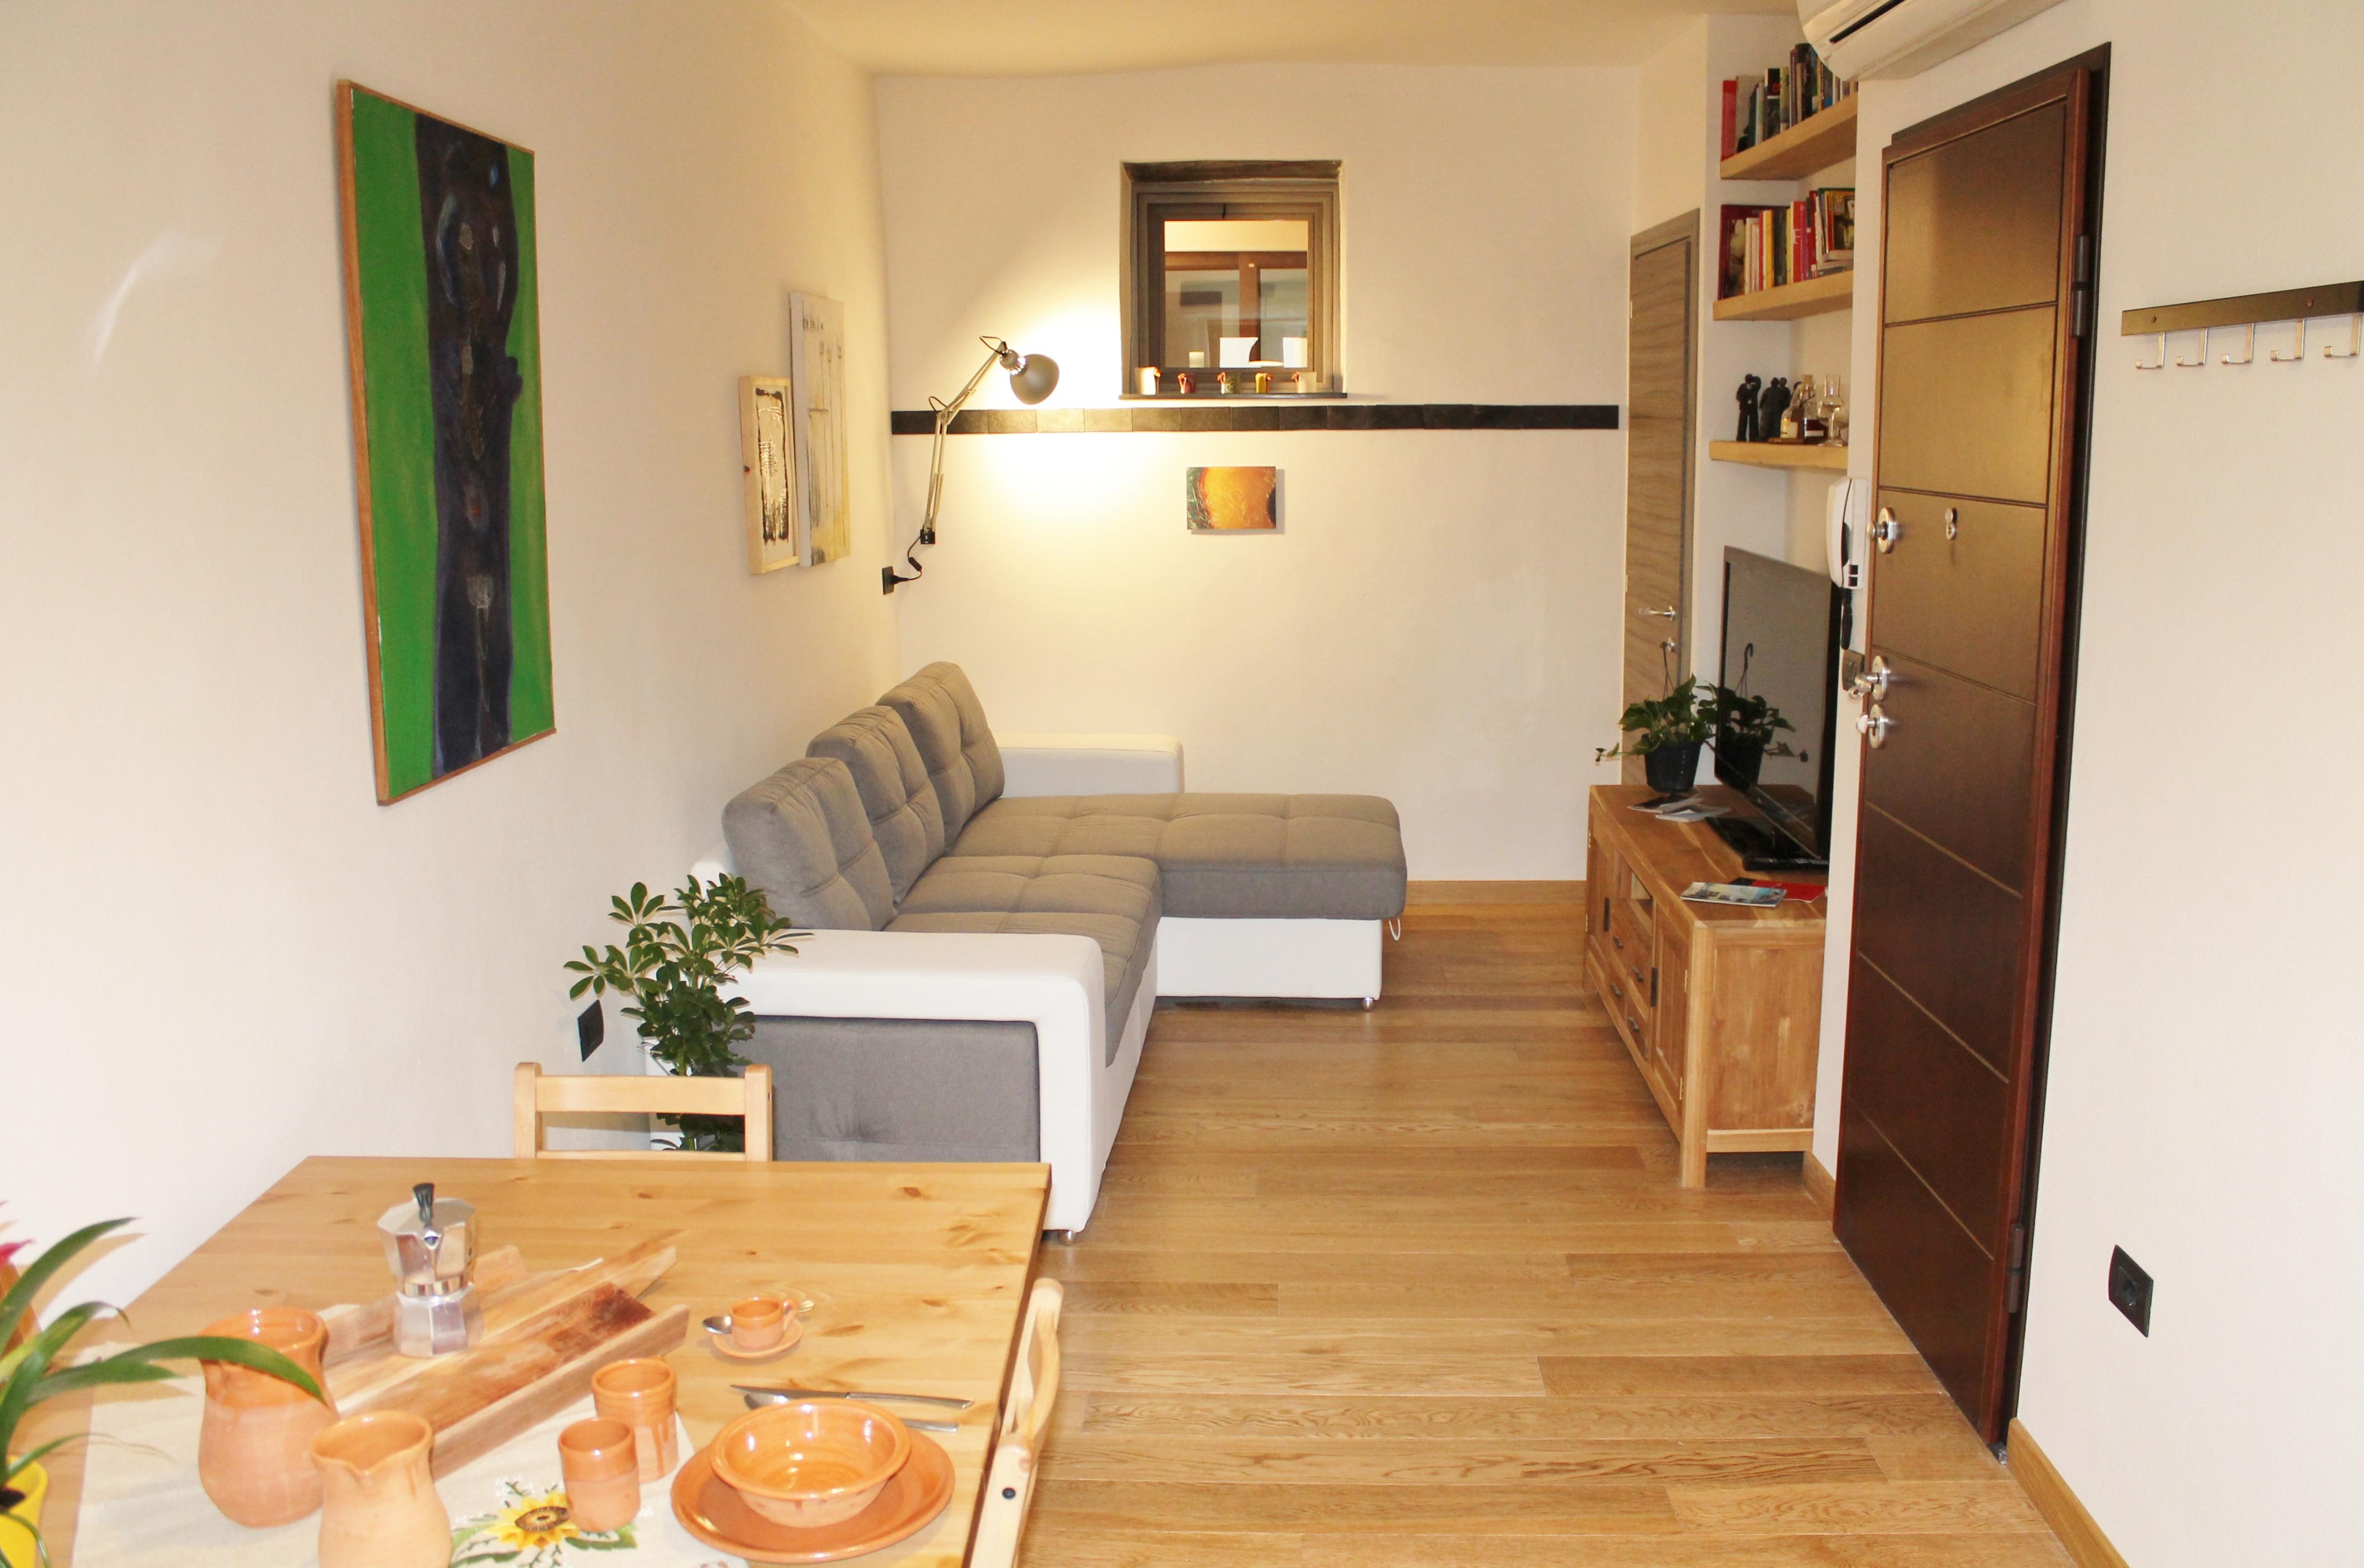 Il mini appartamento kenze domu for Interni di appartamenti